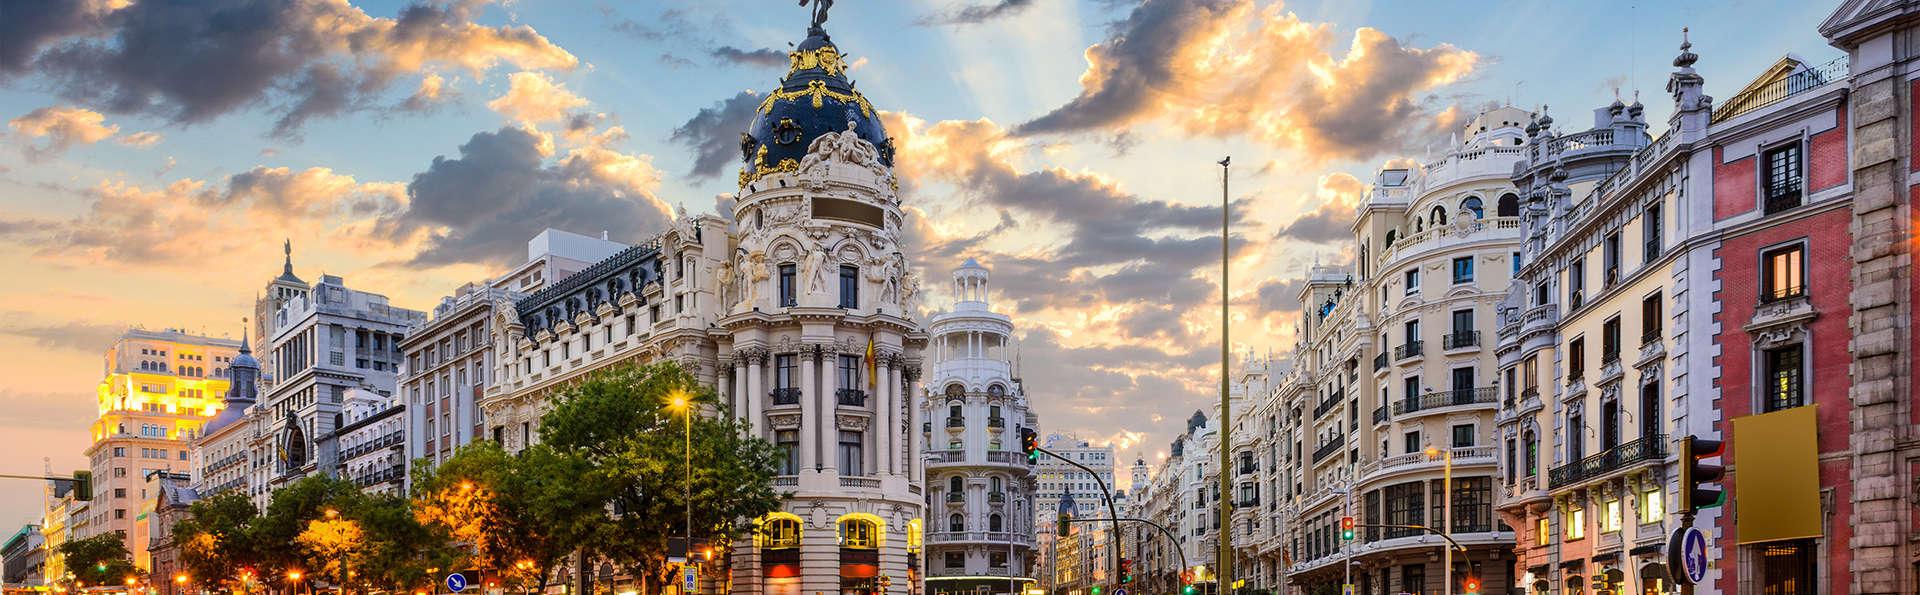 Week-end romantique avec bouteille de cava à Madrid